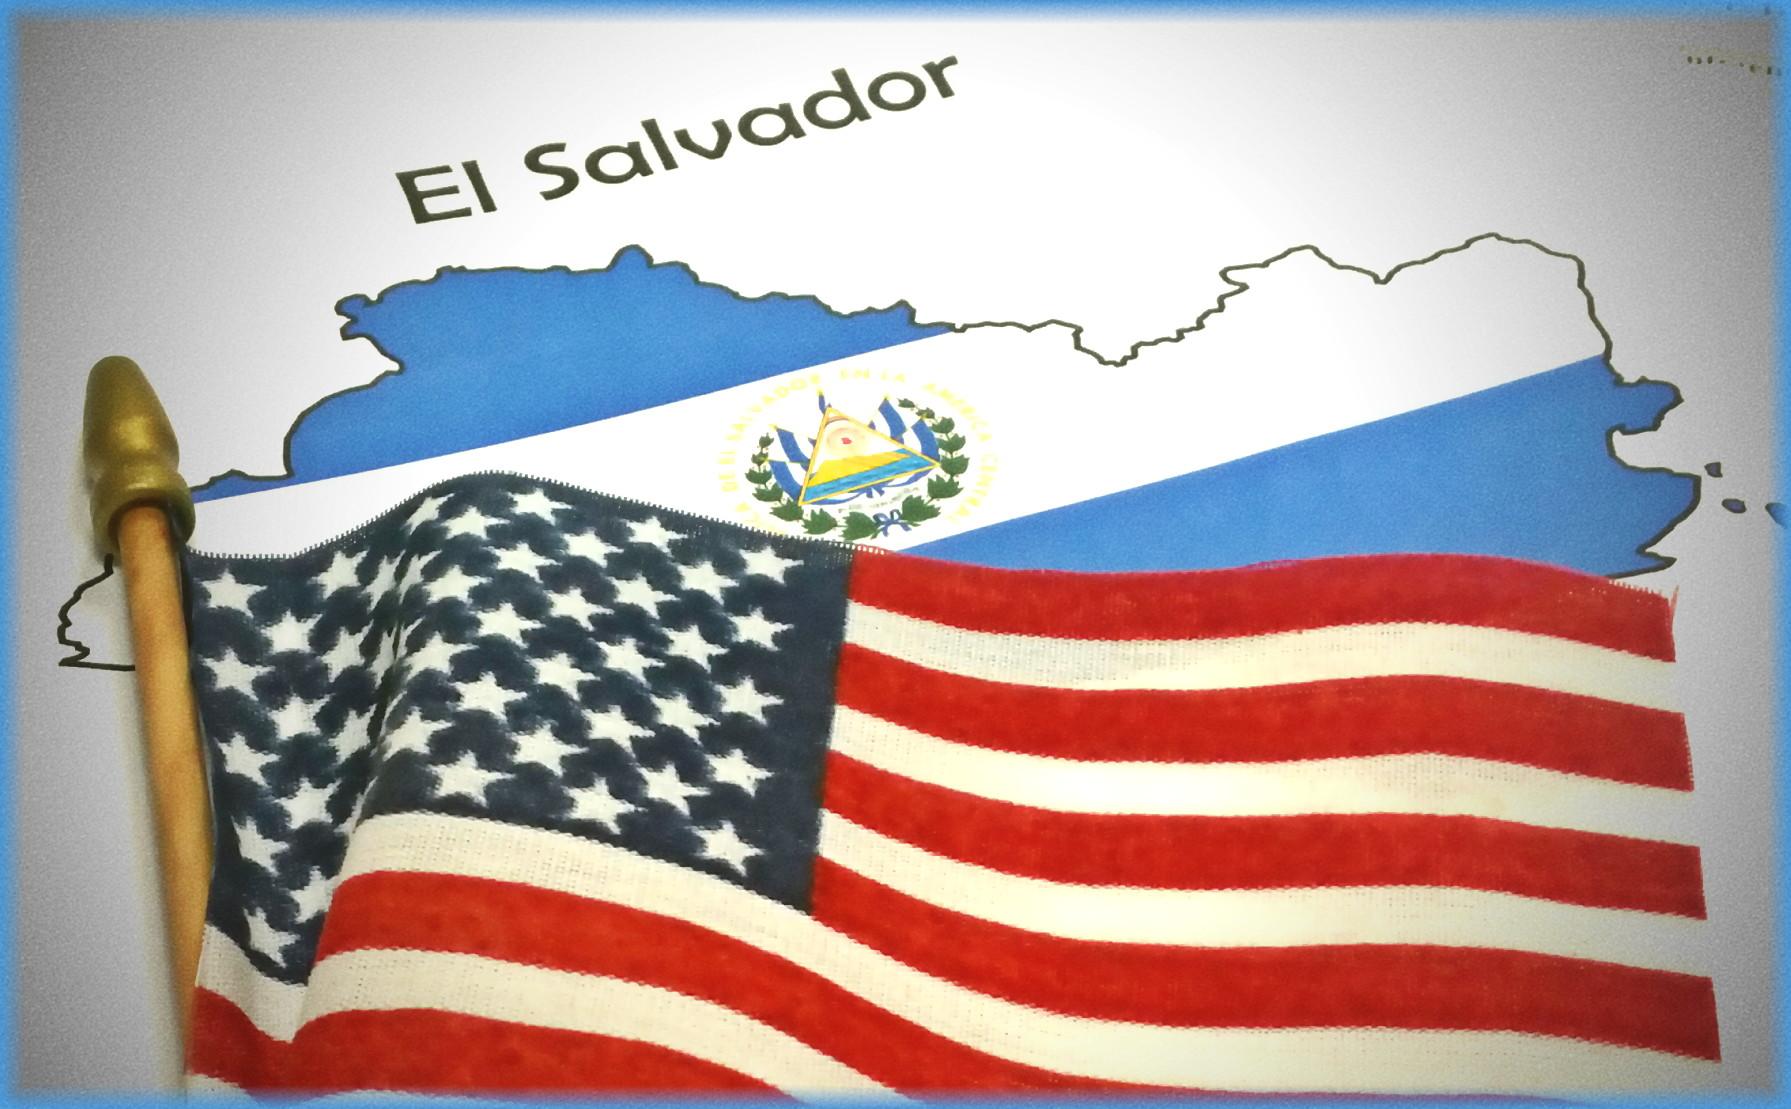 Extensión de TPS Para El Salvador – Aplicaciones se Tienen que Presentar del a 7 de Enero hasta el 9 de Marzo del 2015